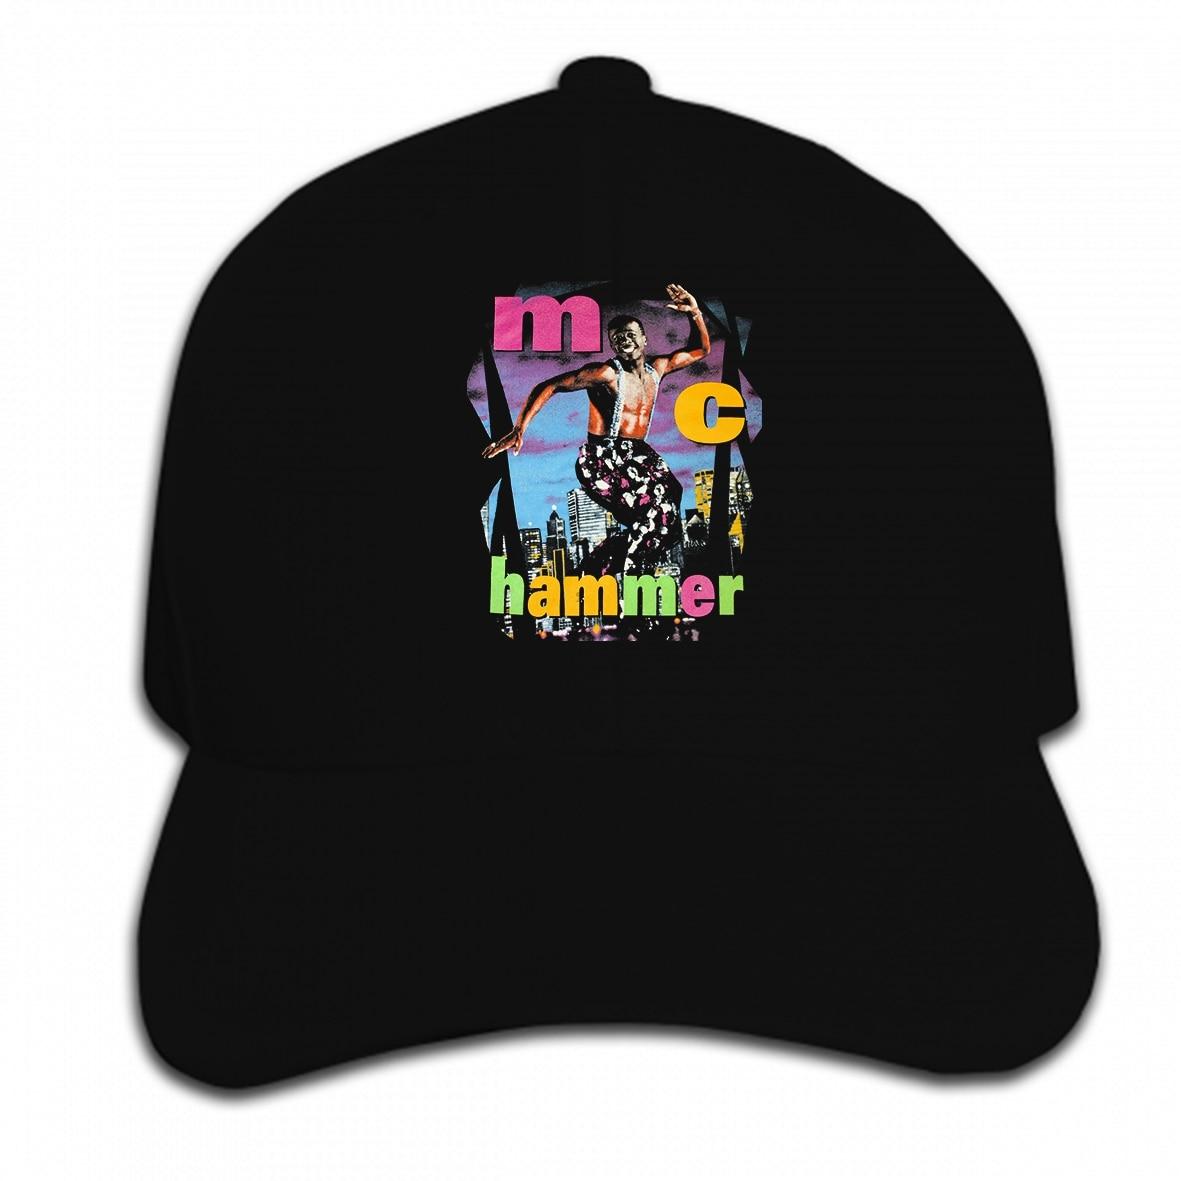 Imprimir personalizado gorra de béisbol delgada vtg MC martillo pantalla estrellas rap hip hop reimpresión sombrero gorra pico